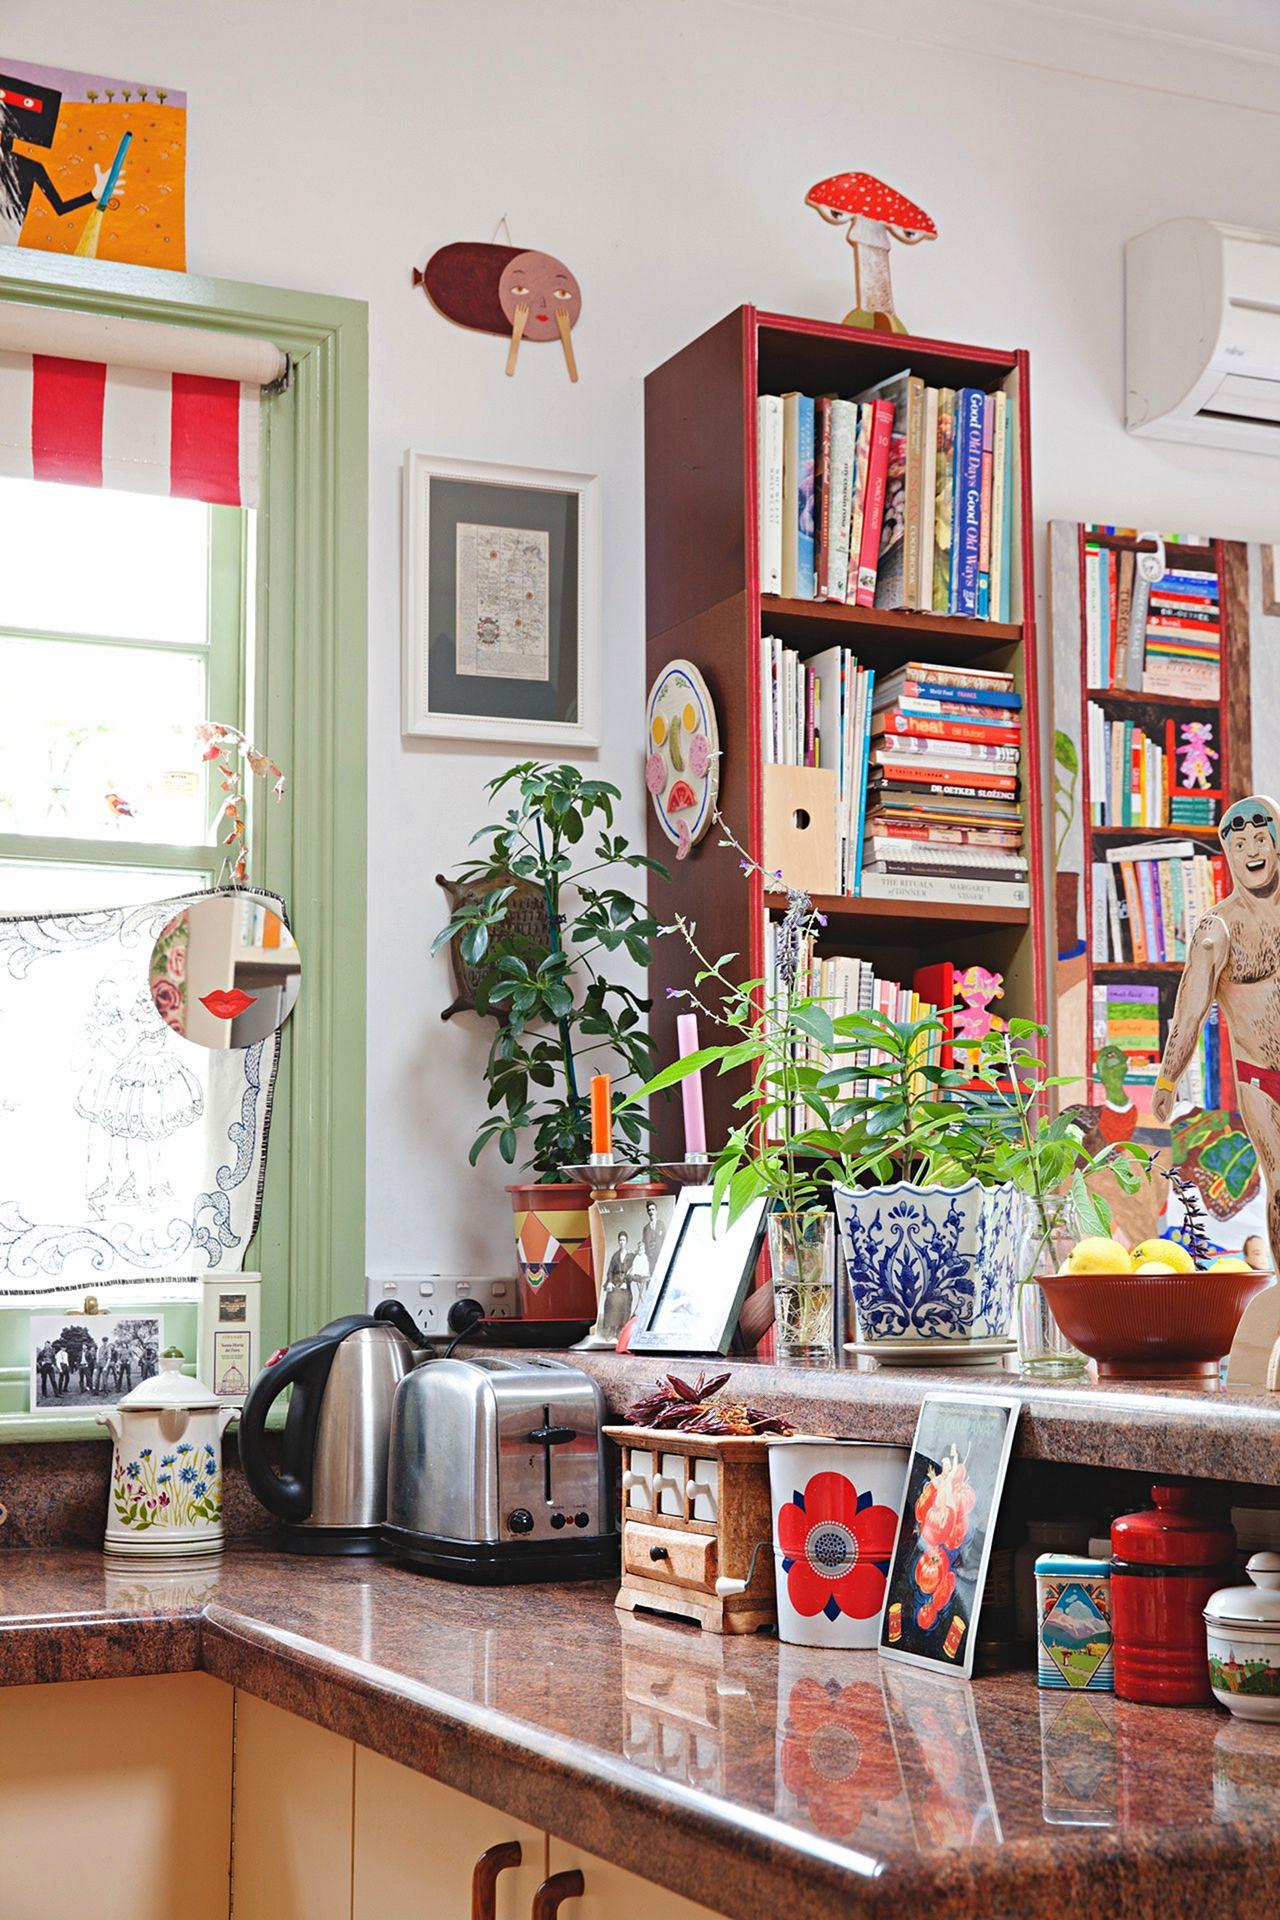 85 Stunning Bohemian Style Interior Design Ideas For Your: Maximalist Interior Design Ideas No 42